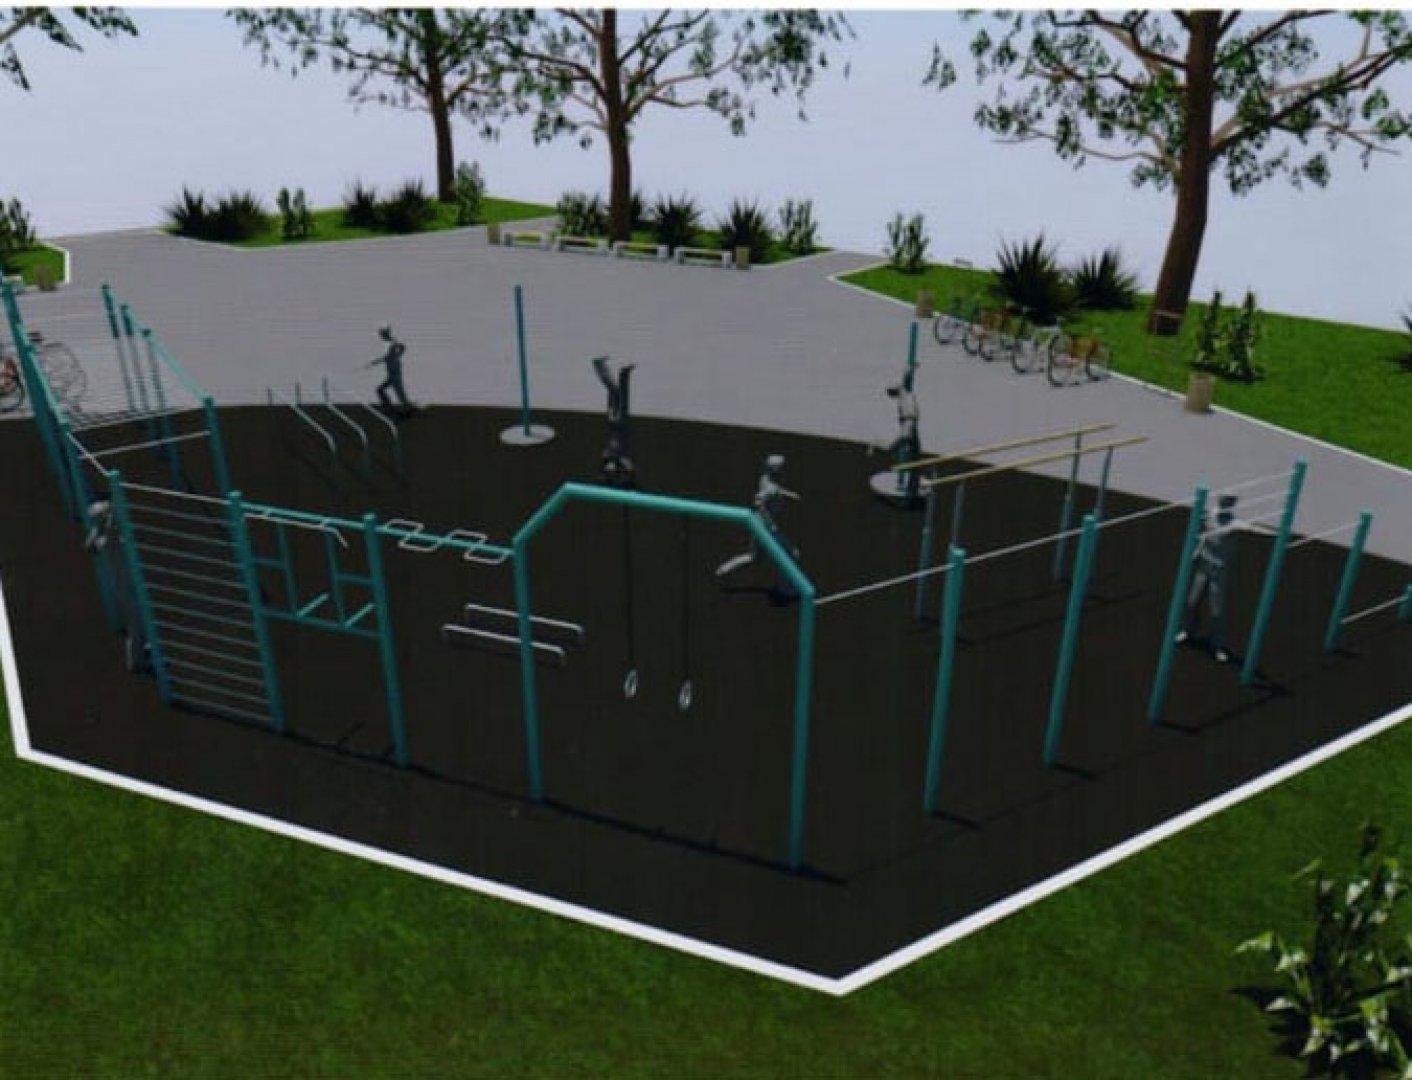 Средствата за изграждане на спортната площадка да бъдат заложени в Бюджет 2019